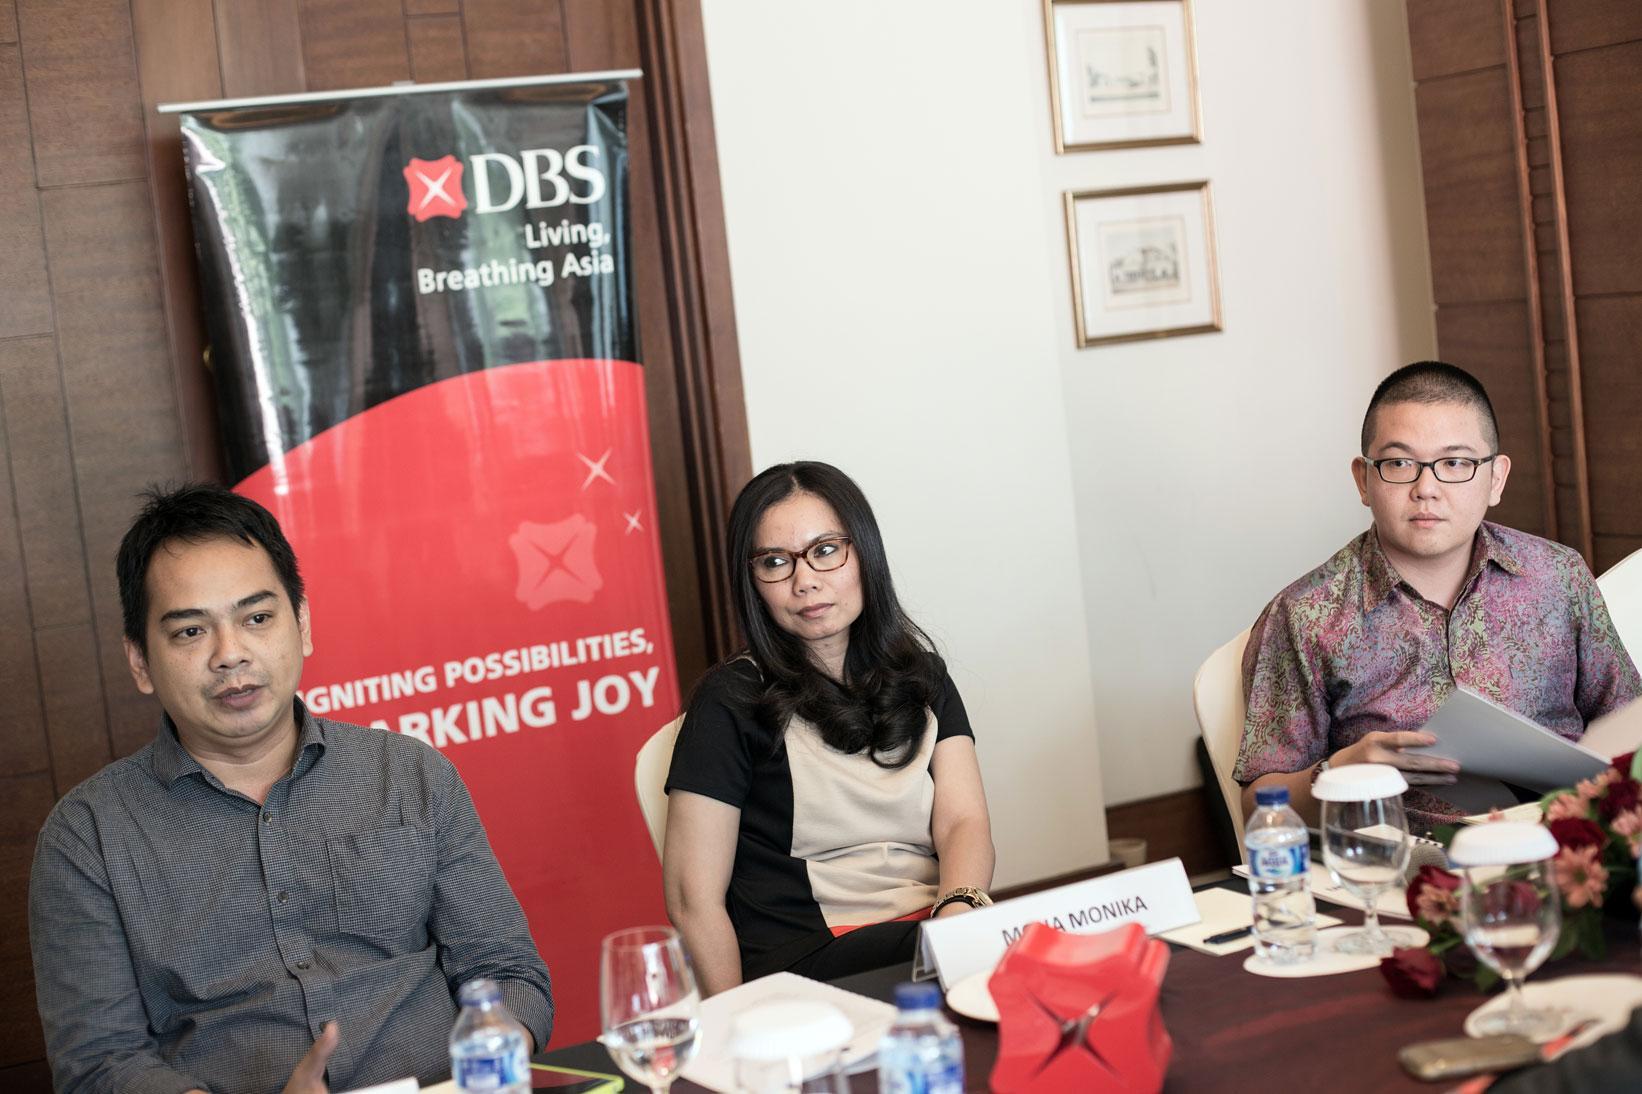 Managing Director KATADATA Ade Wahyudi (kiri), Head of Group Strategic Marketing and Communications DBS Mona Monika, serta ekonom DBS Gundy Cahyadi memberikan keterangan pers mengenai kompetisi DBS Young Economist Stand Up bagi mahasiswa tingkat Sarjana (S1) kerjasama antara Bank DBS dengan Katadata di Jakarta, Selasa (27/10). Kompetisi DBS Young Economist Stand Up terbuka bagi mahasiswa seluruh Indonesia yang memiliki opini, pandangan, dan solusi tentang perekonomian Indonesia maupun Asia.